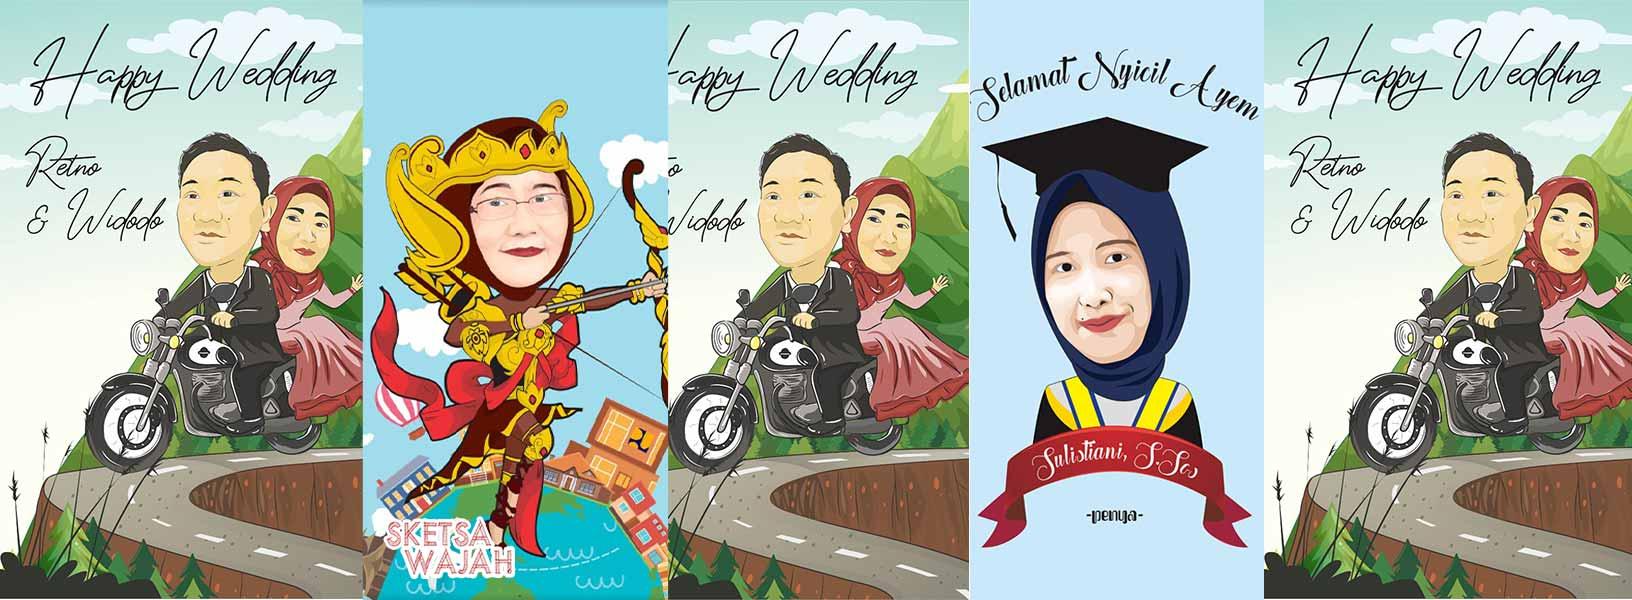 Karya Eka Ariyanti sketcher Sketsa Wajah